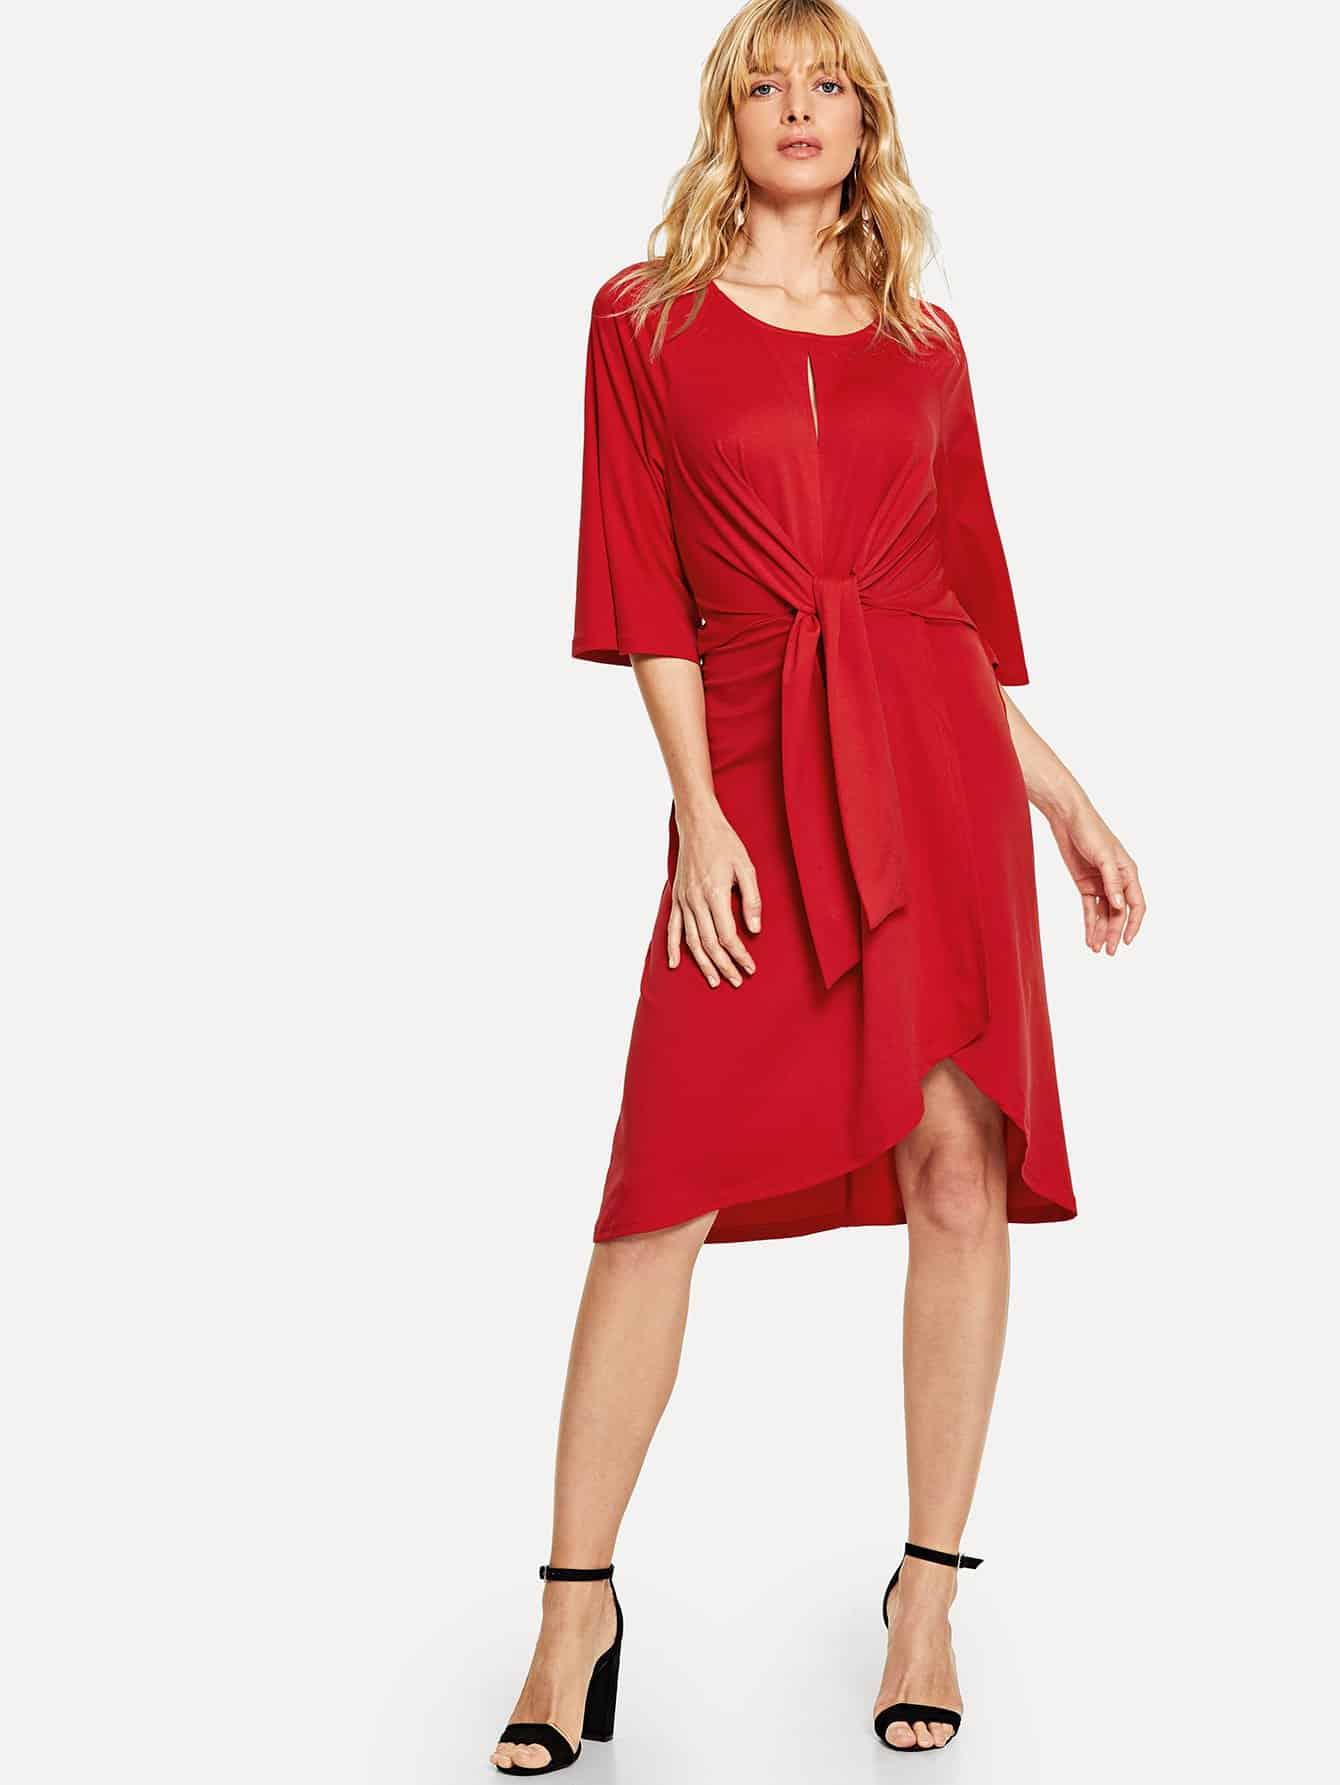 Купить Платье с асимметричным низом и спереди узел, Masha, SheIn